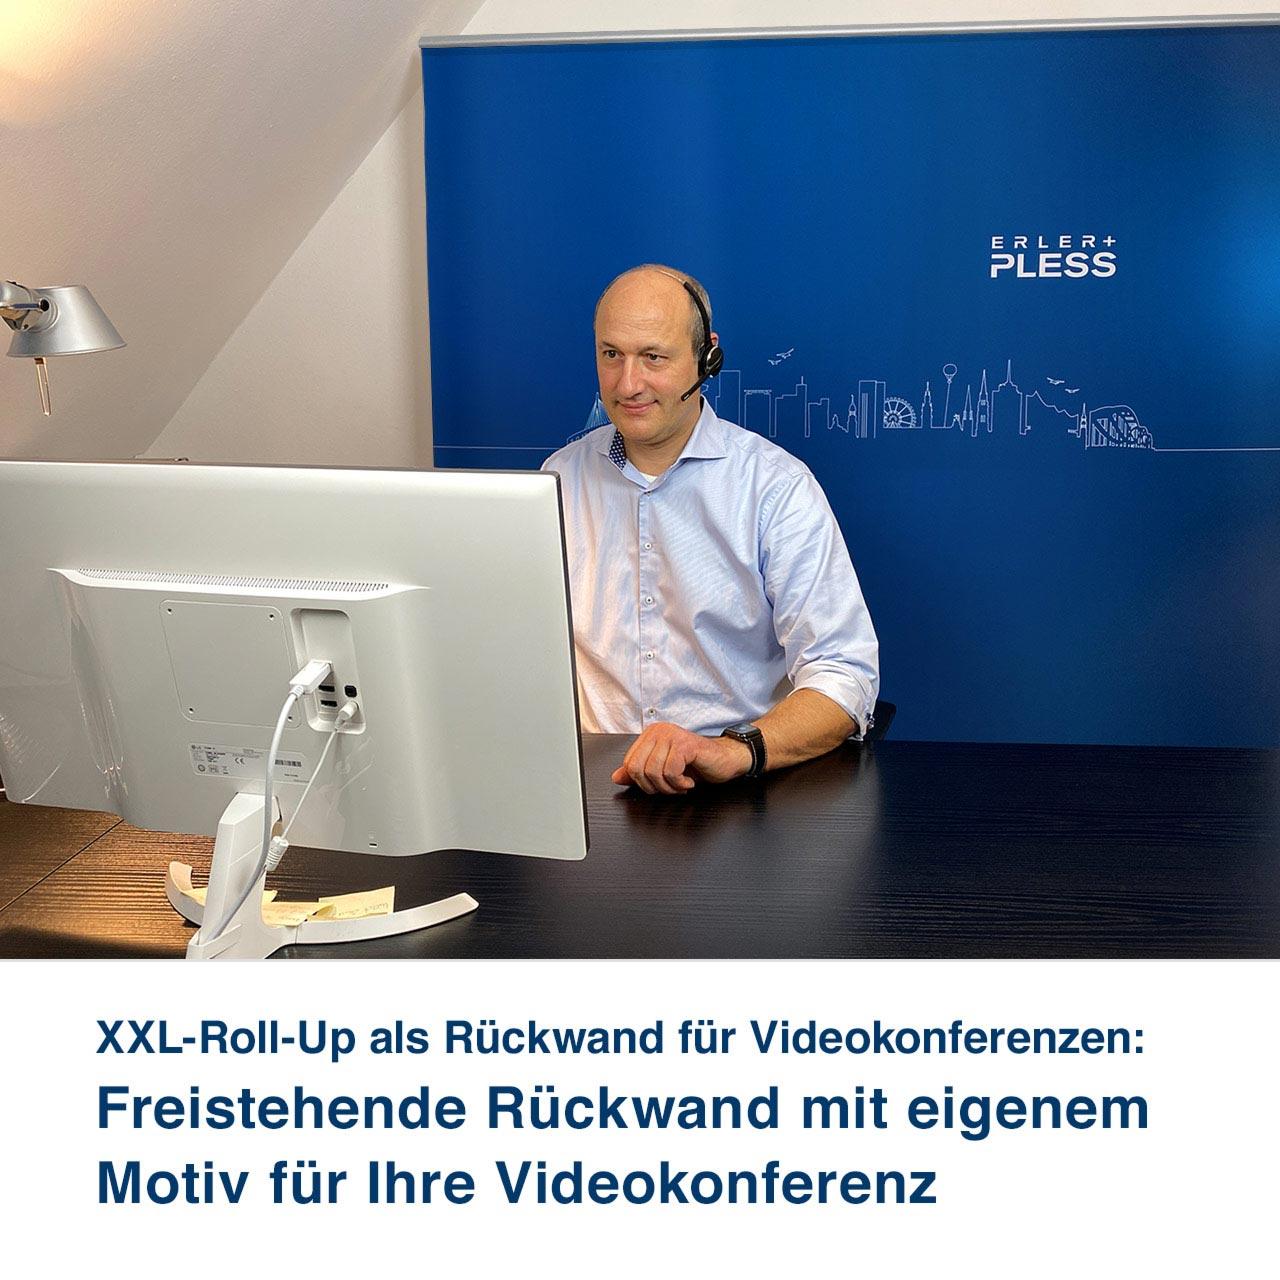 XXL-Roll-Up als Rückwand für Videokonferenzen:   Freistehende Rückwand mit eigenem Motiv für Ihre Videokonferenz